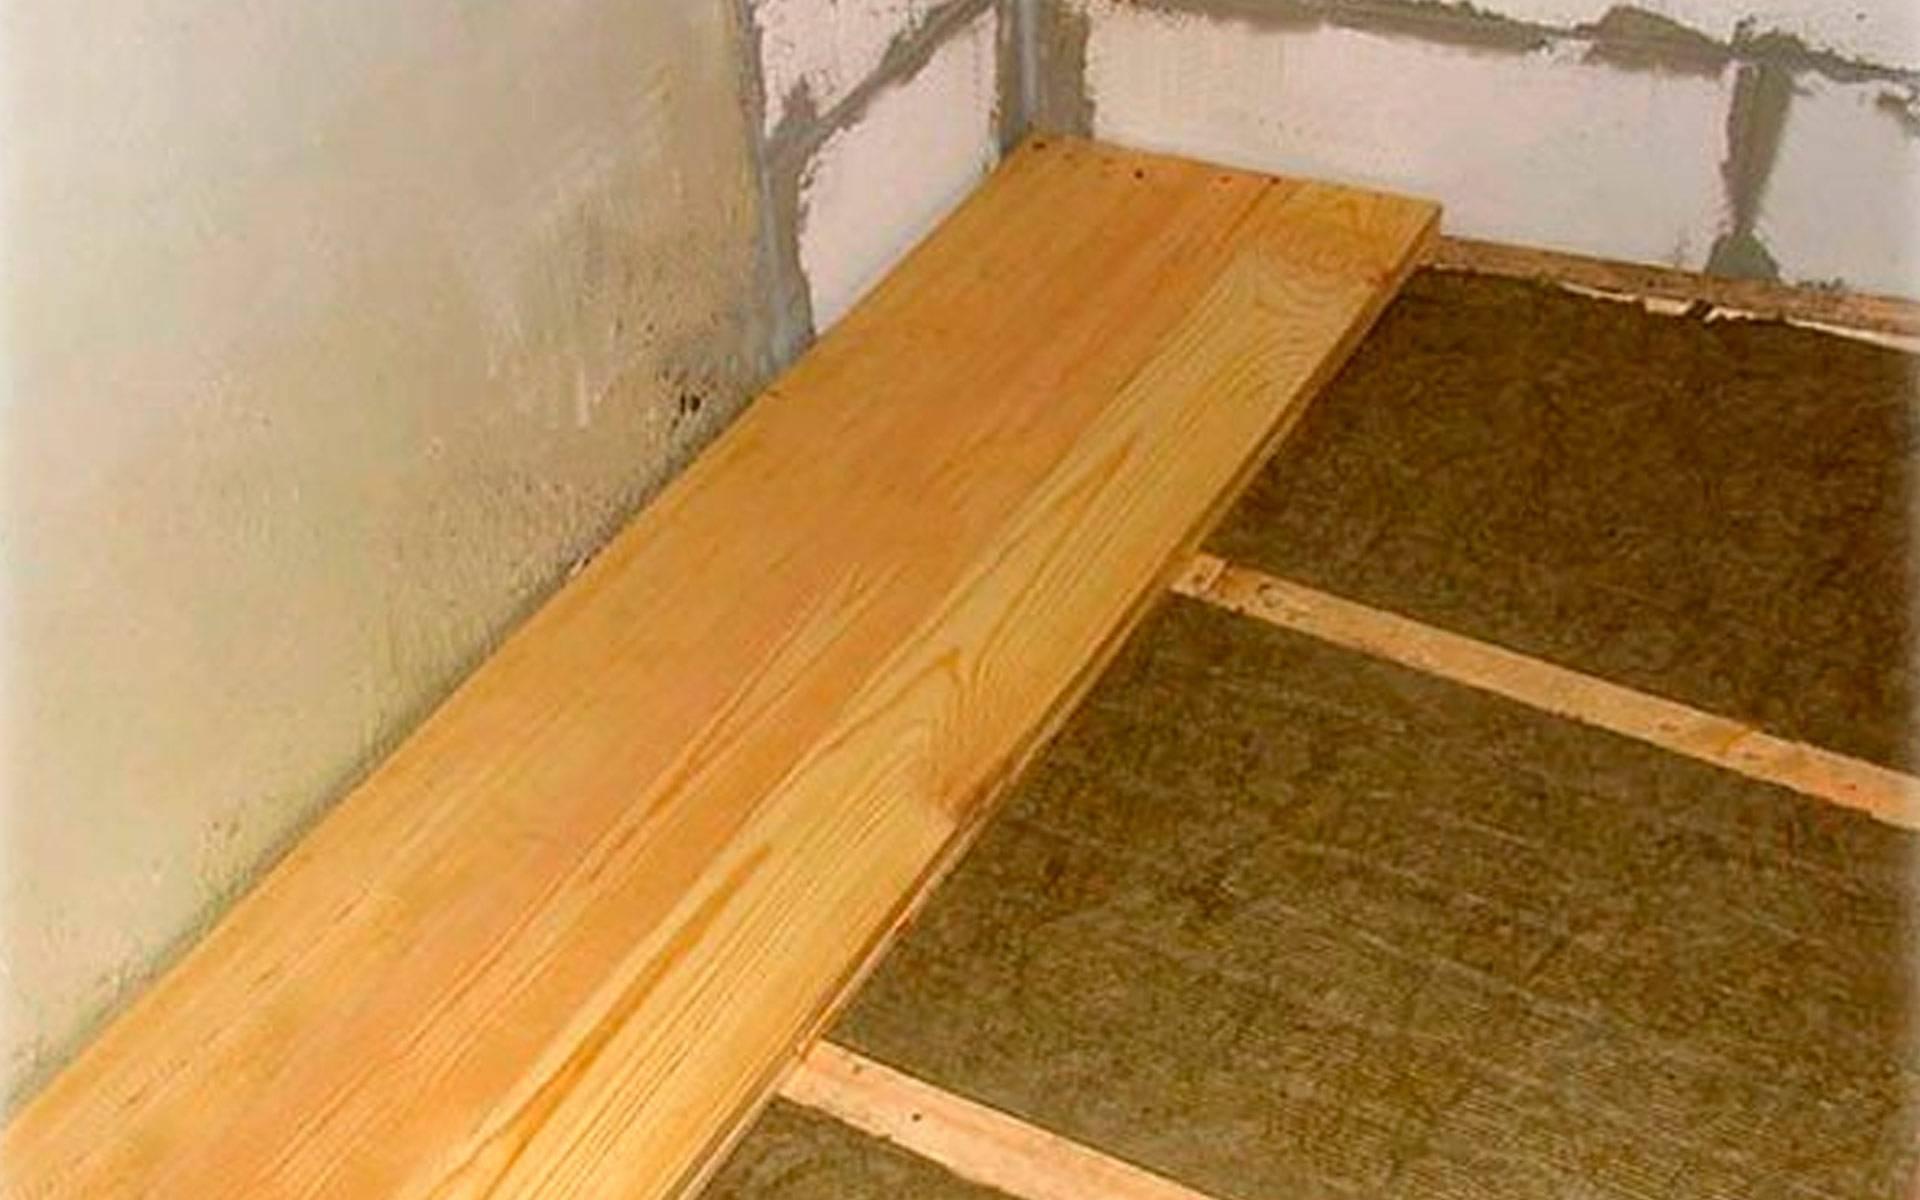 Технология утепления балкона: порядок работ шаг за шагом